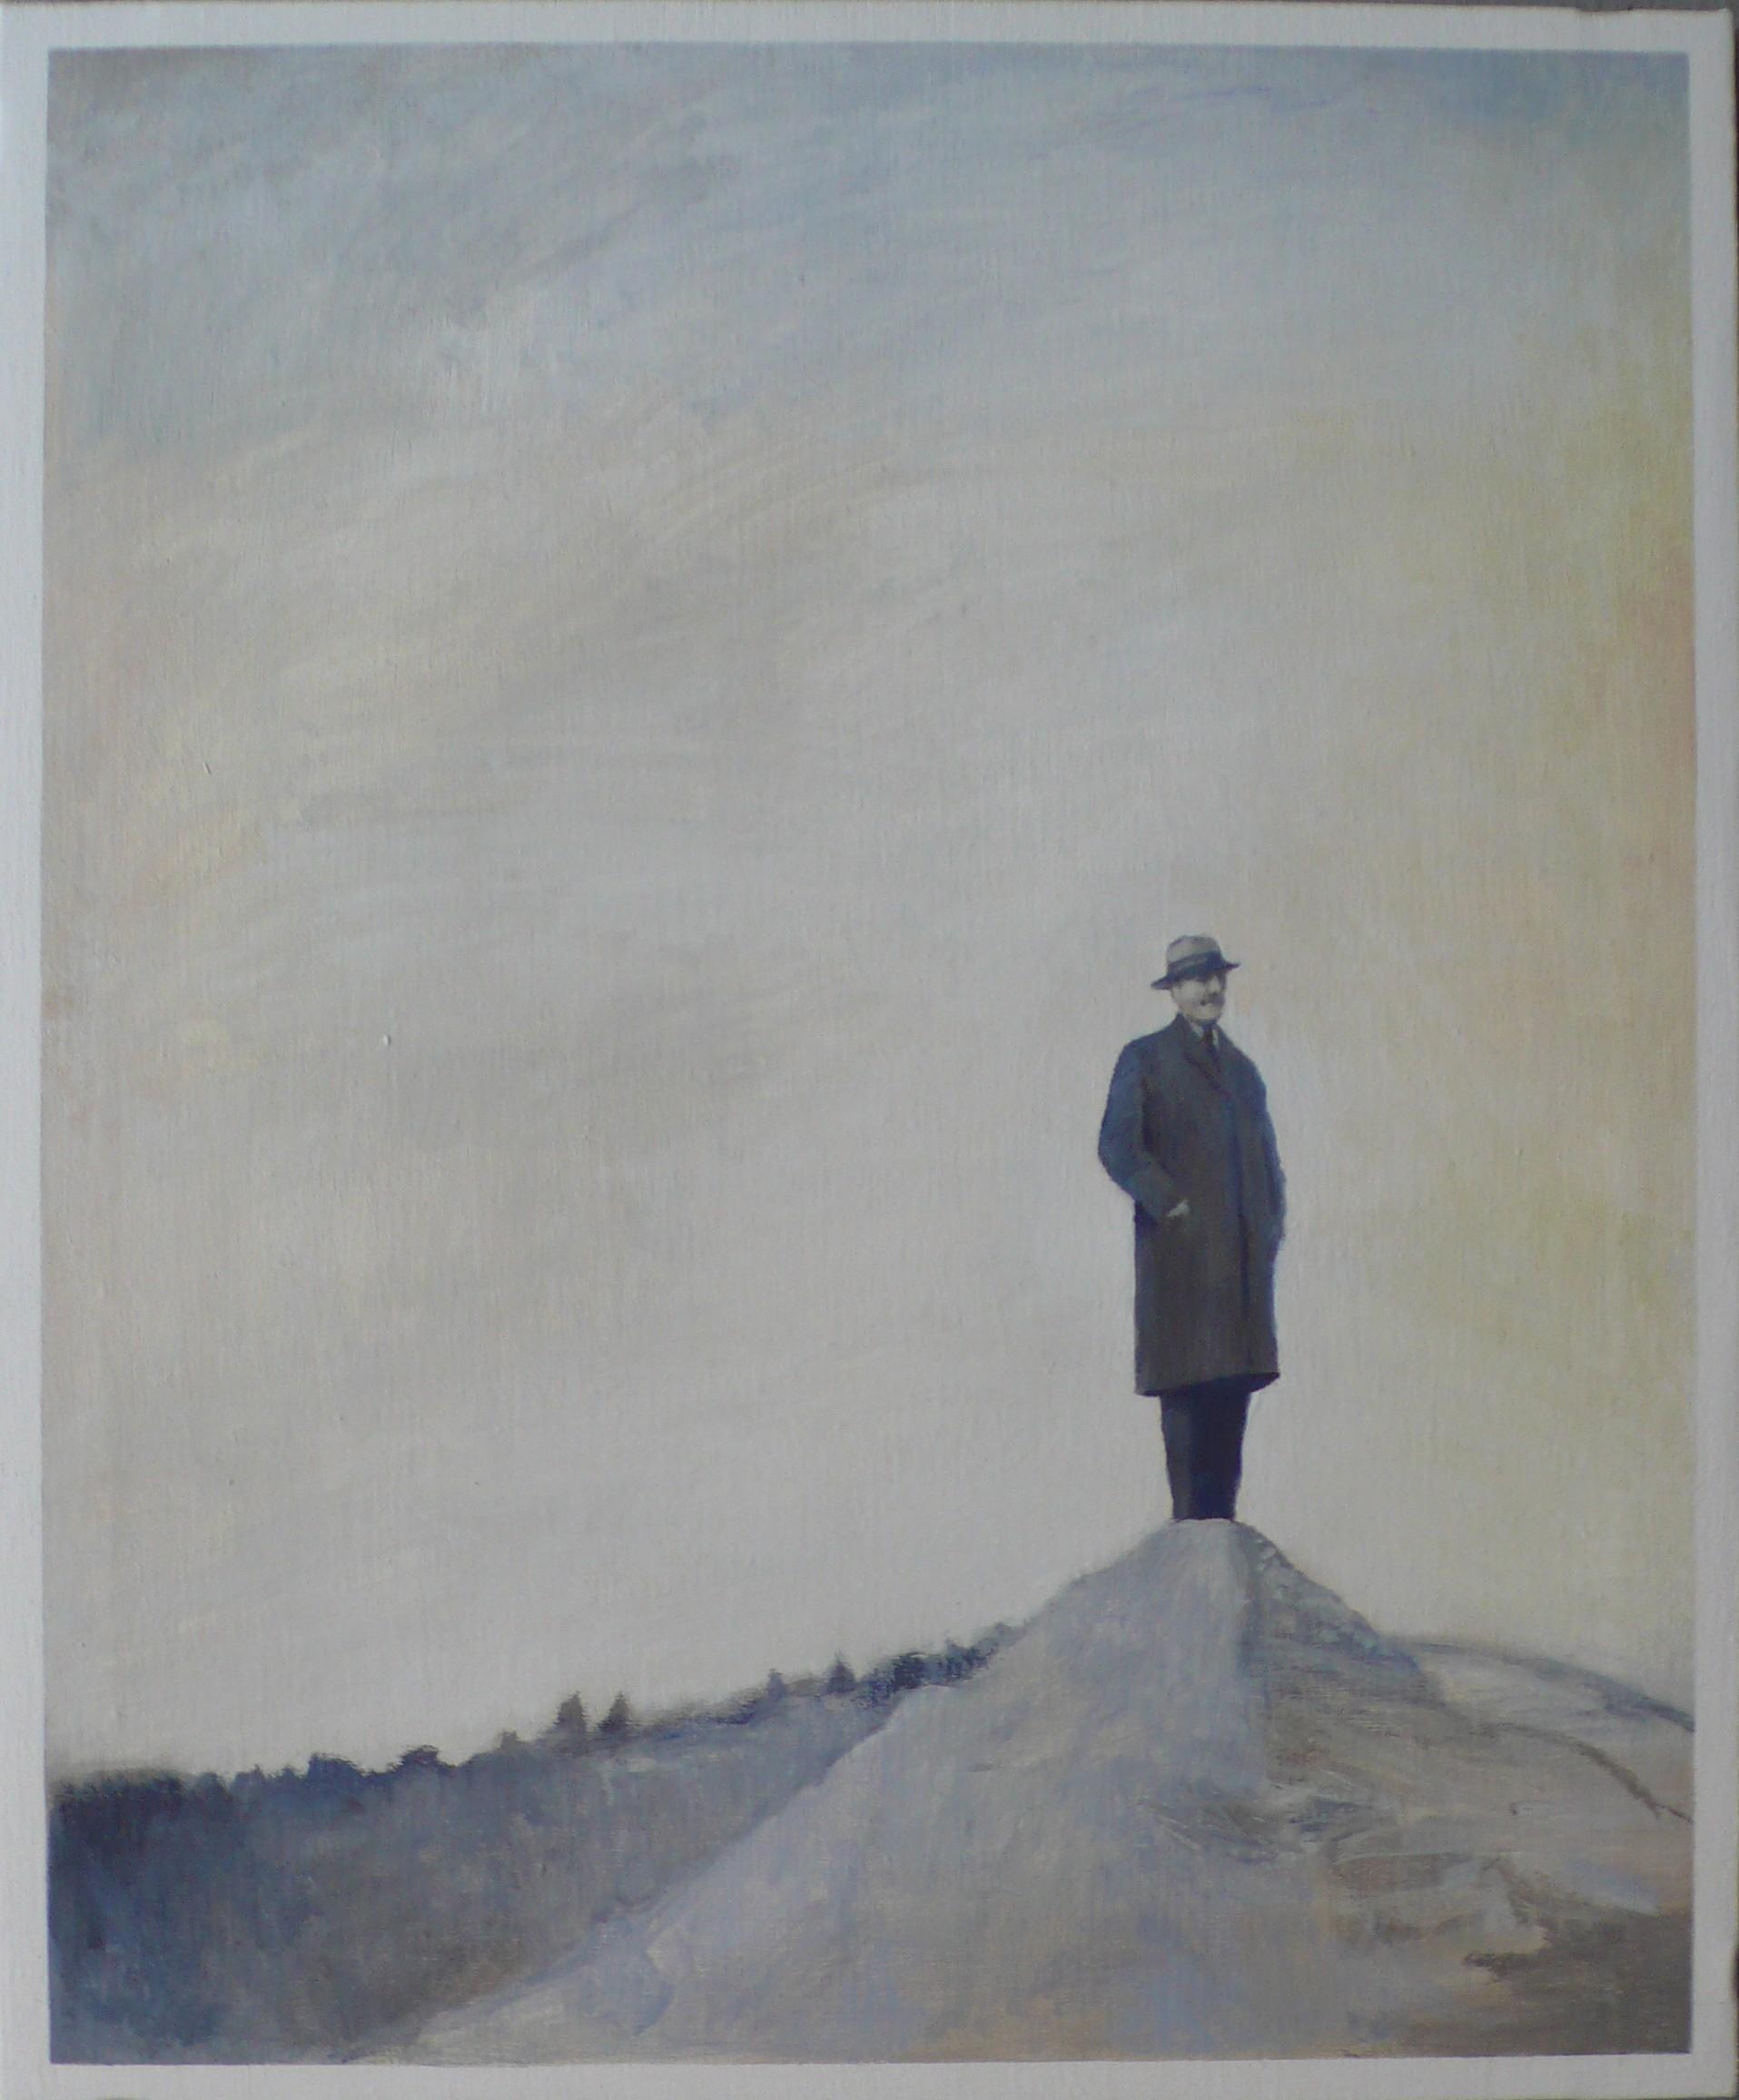 Hombre en la montaña, 2016  Óleo sobre lino  65 x 54 cm